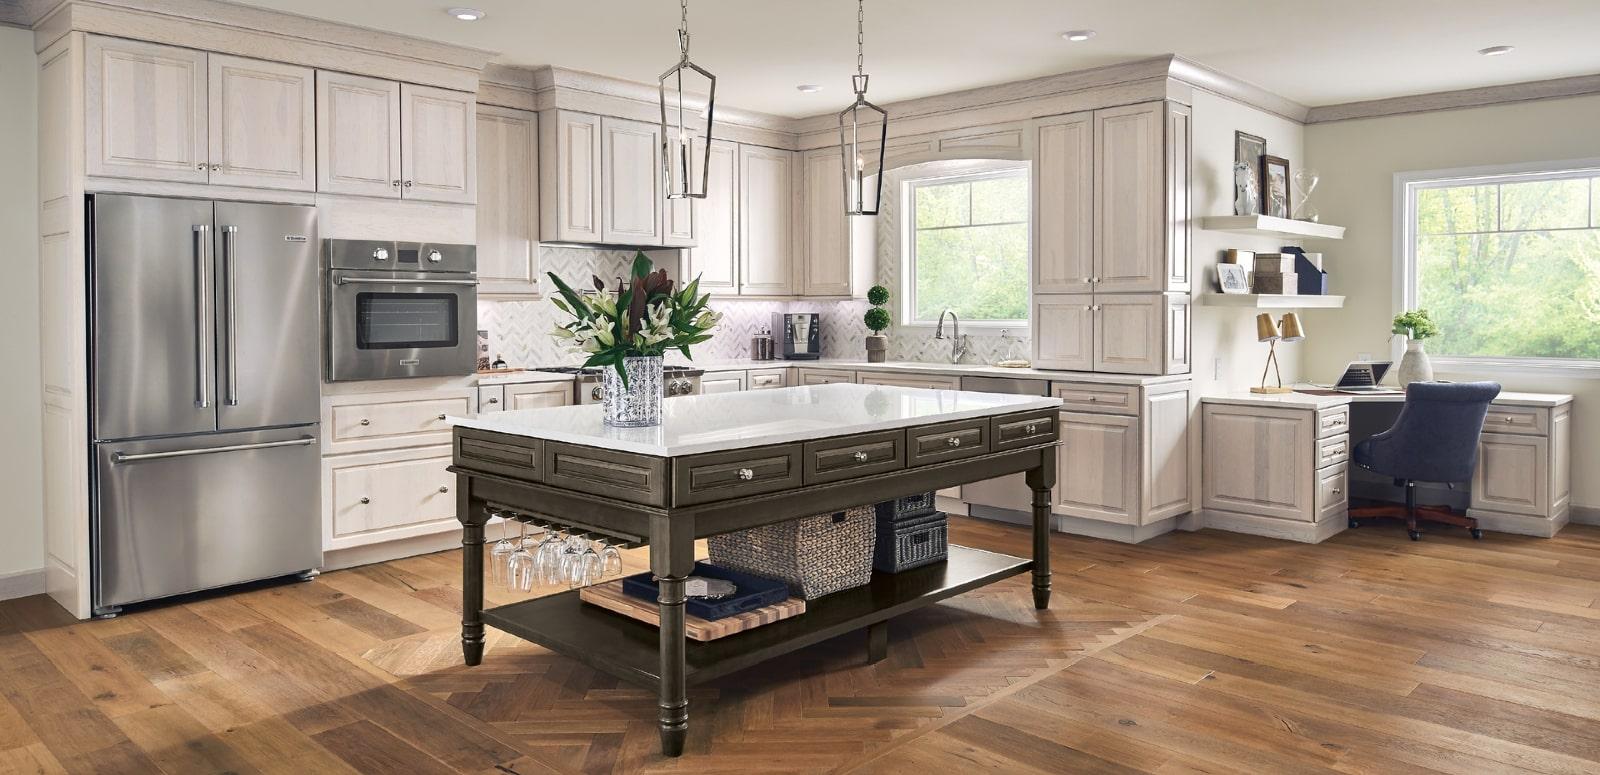 25 ایده برای مرتب کردن کابینت آشپزخانه